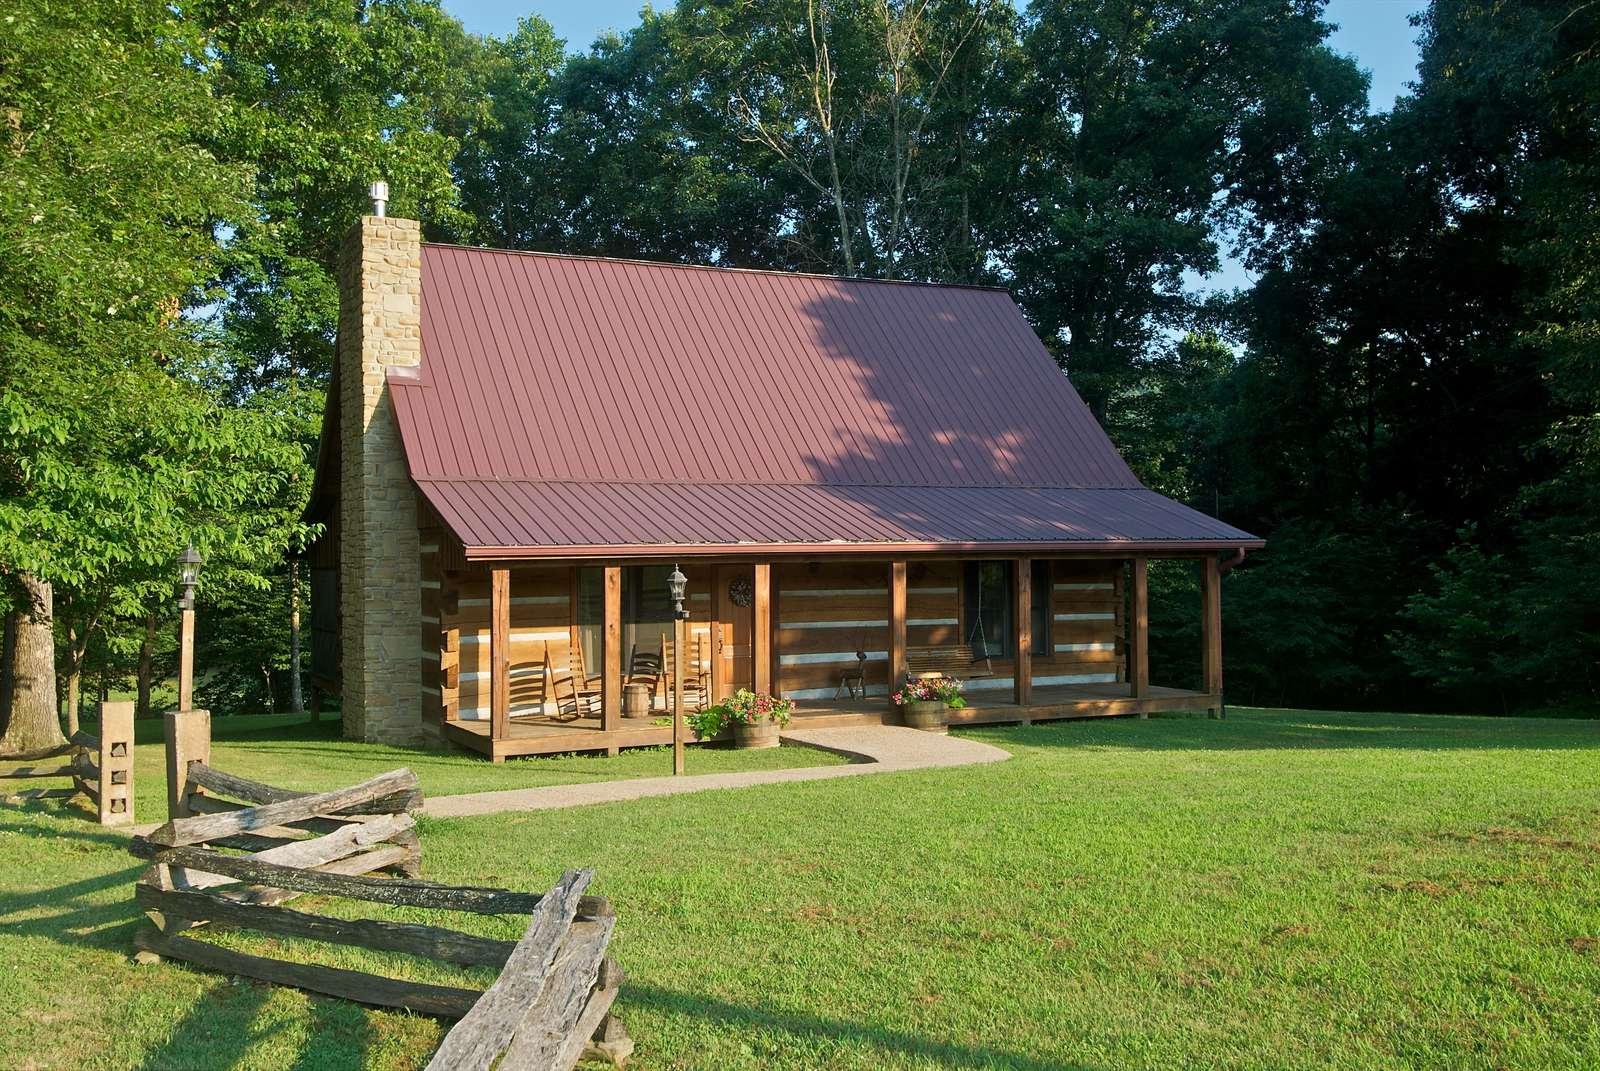 Schooner Creek Log Cabin - property